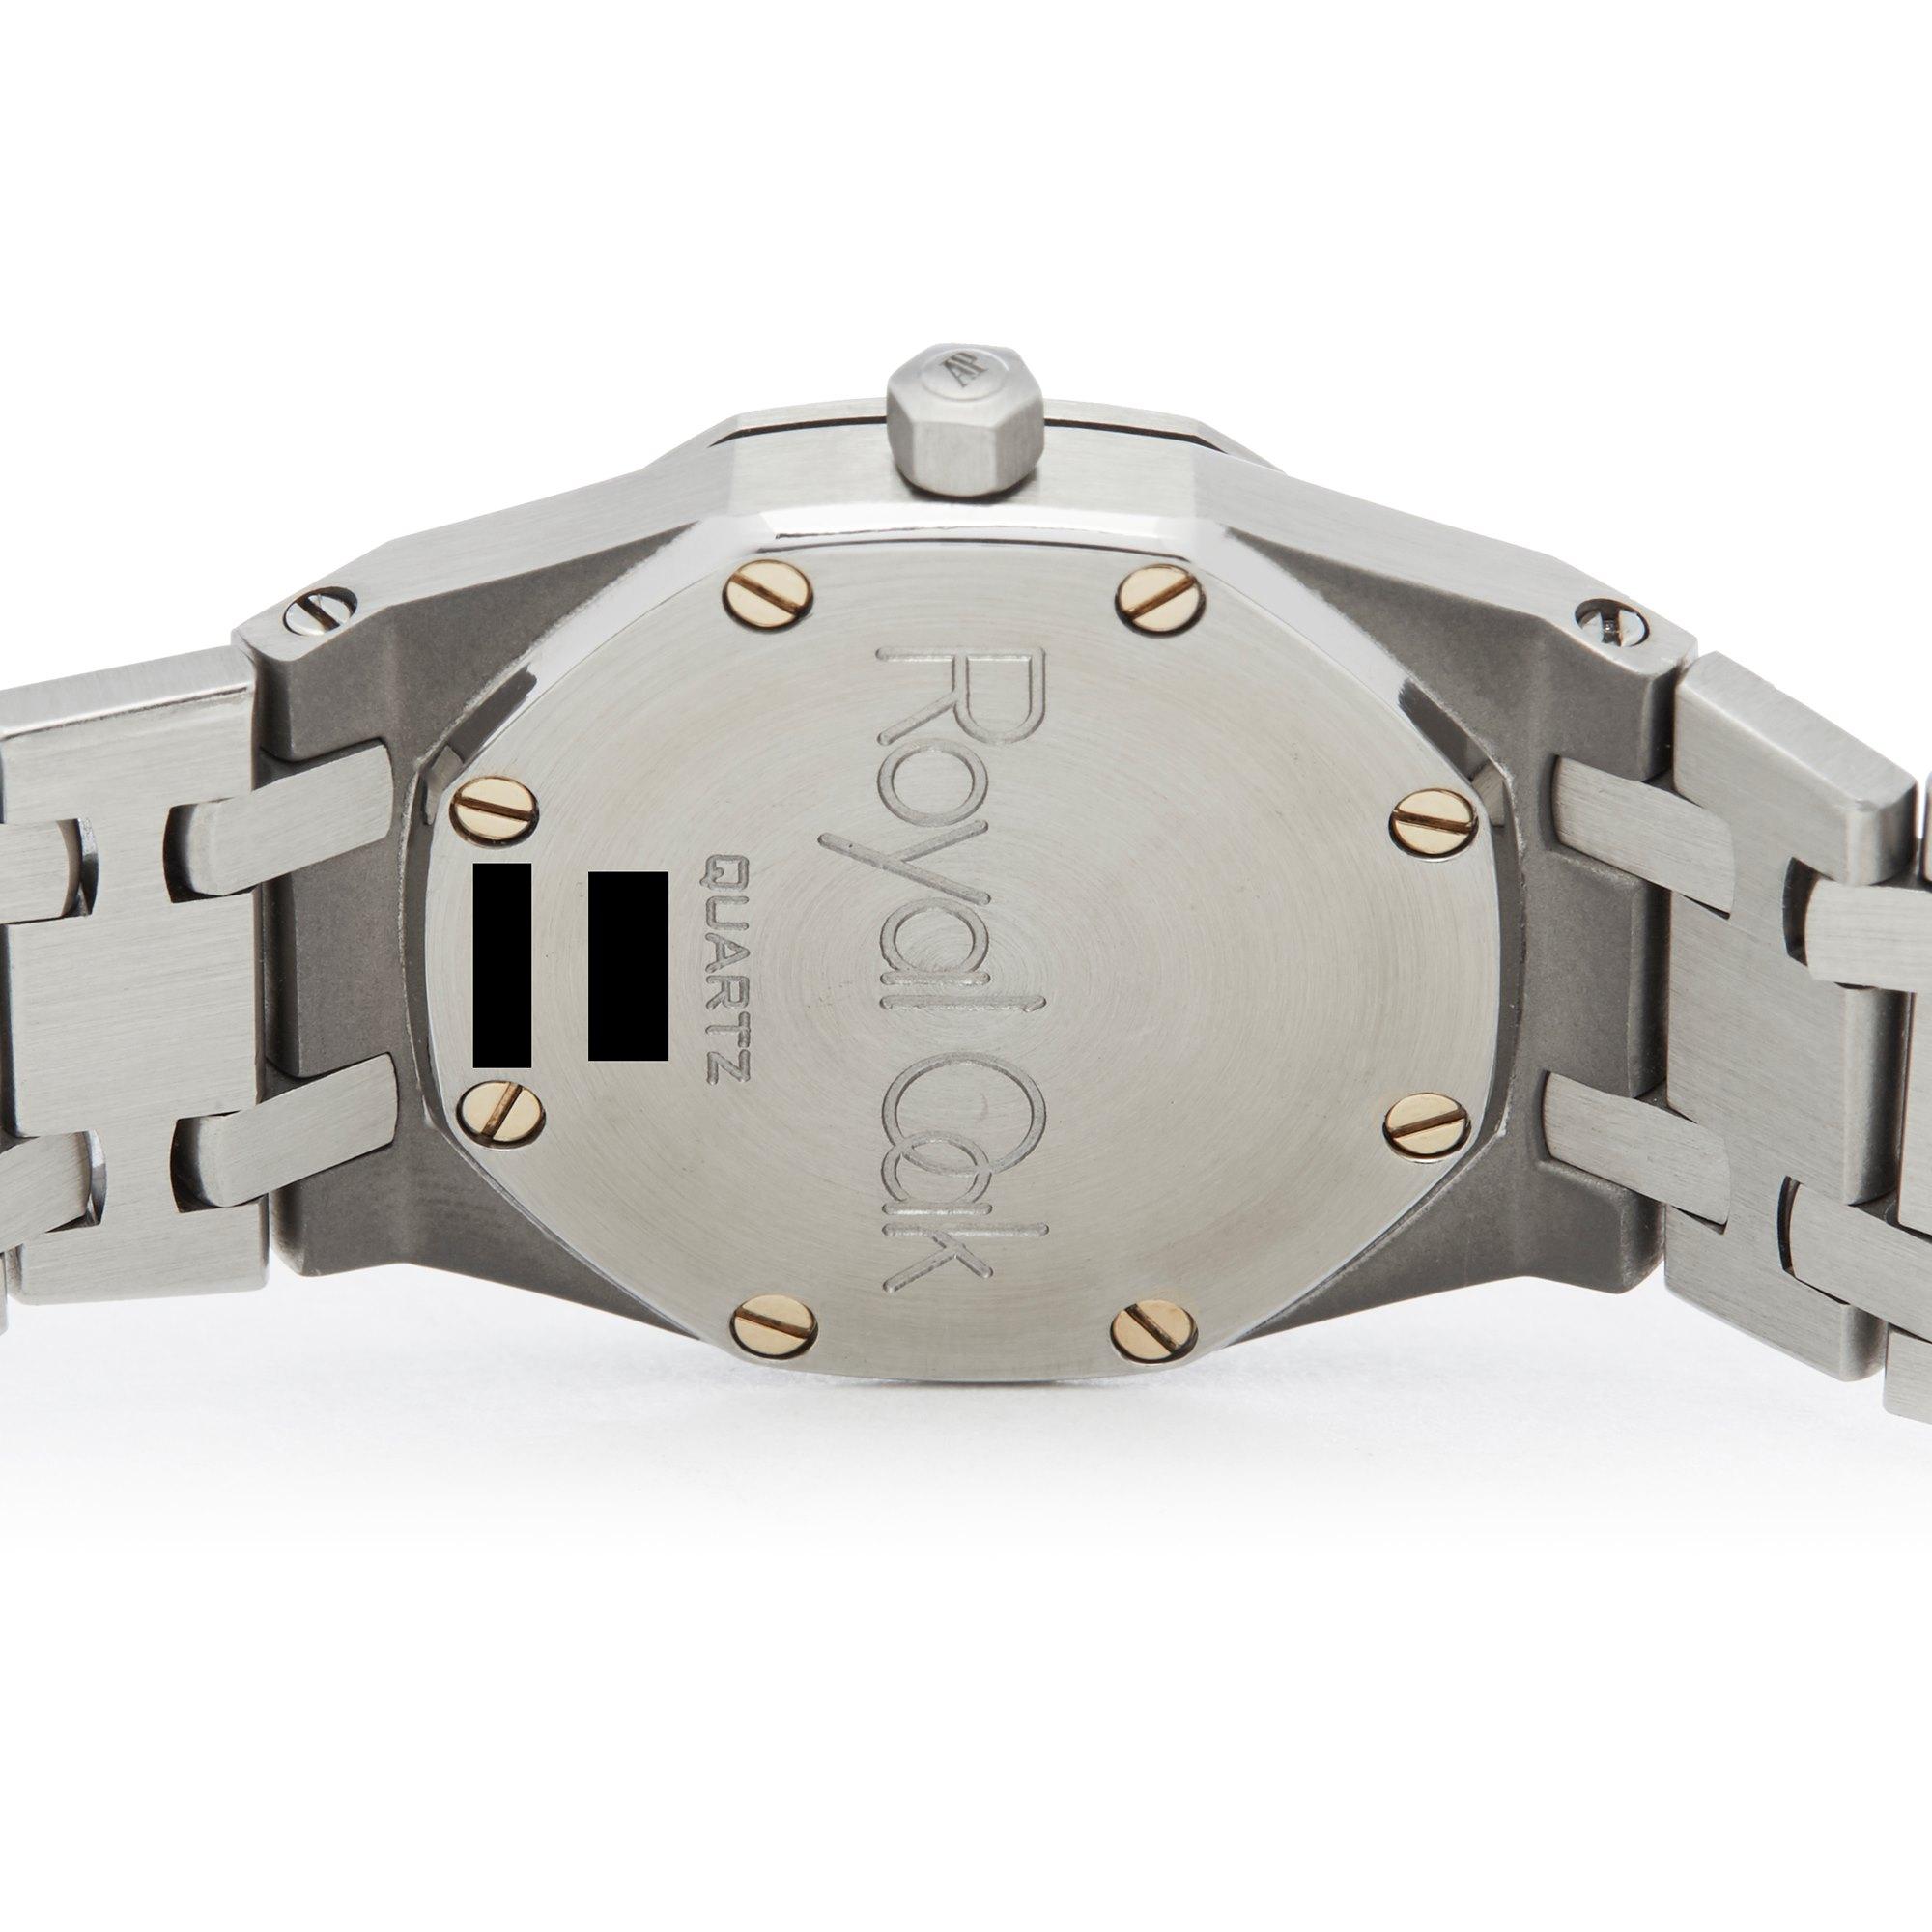 Audemars Piguet Royal Oak Stainless Steel 66270ST.OO.0722ST.01